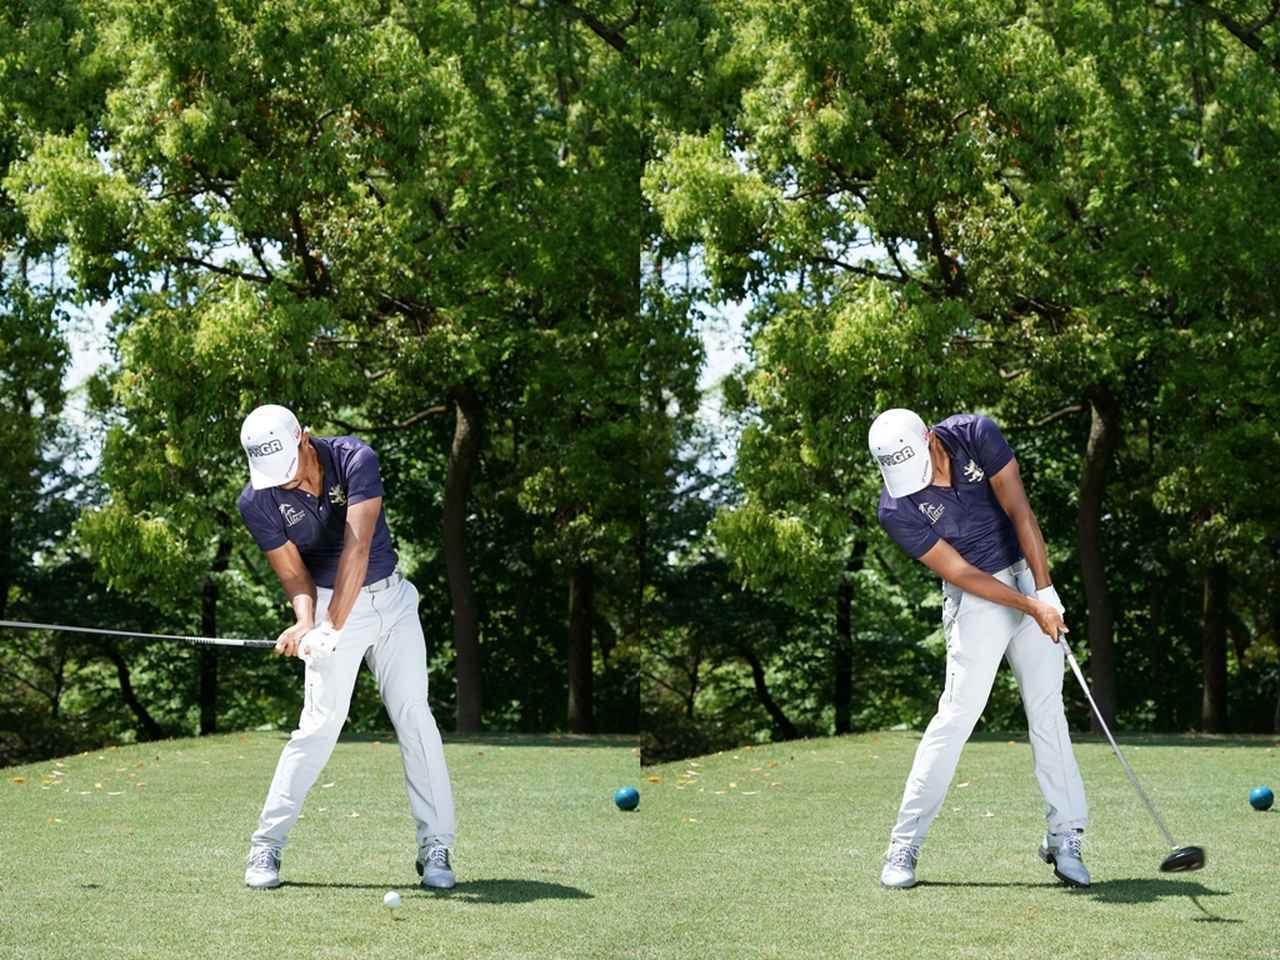 画像: ヘッドを真下にストンと落とし、そこからジャンプする動きとともに「L字」を思わせる軌道でボールをとらえる。掃くような動きとなり、スピンを減らして飛ばせる(写真は2018年の中日クラウンズ)